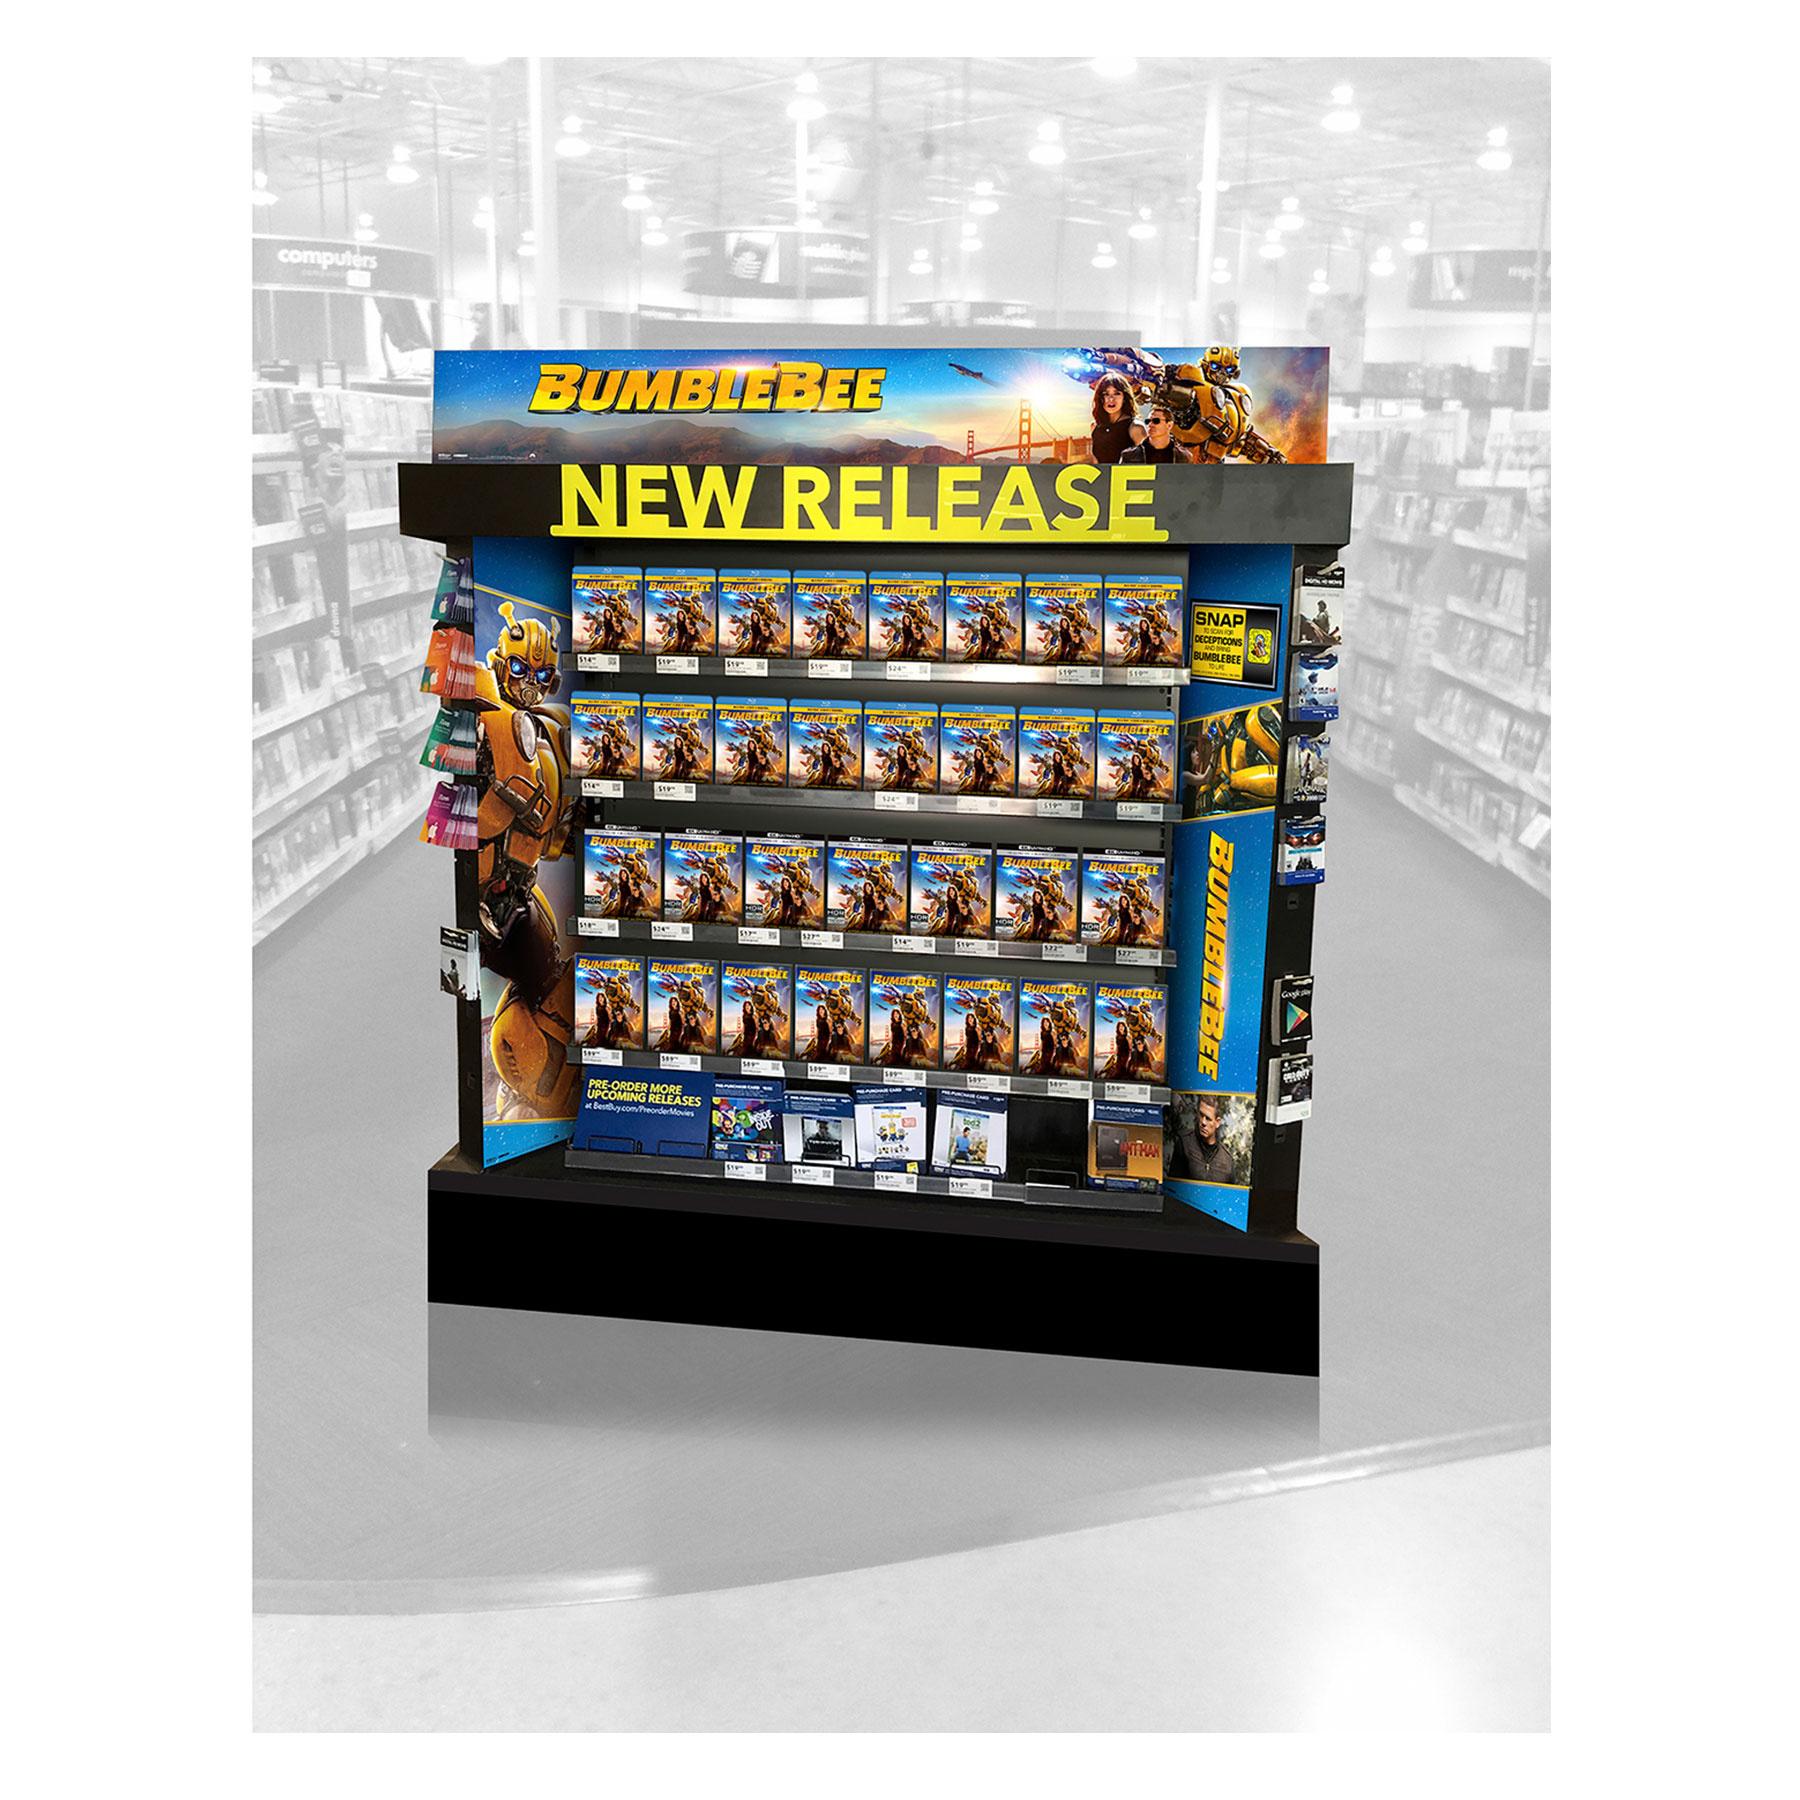 BumbleBee Best Buy New Release Display